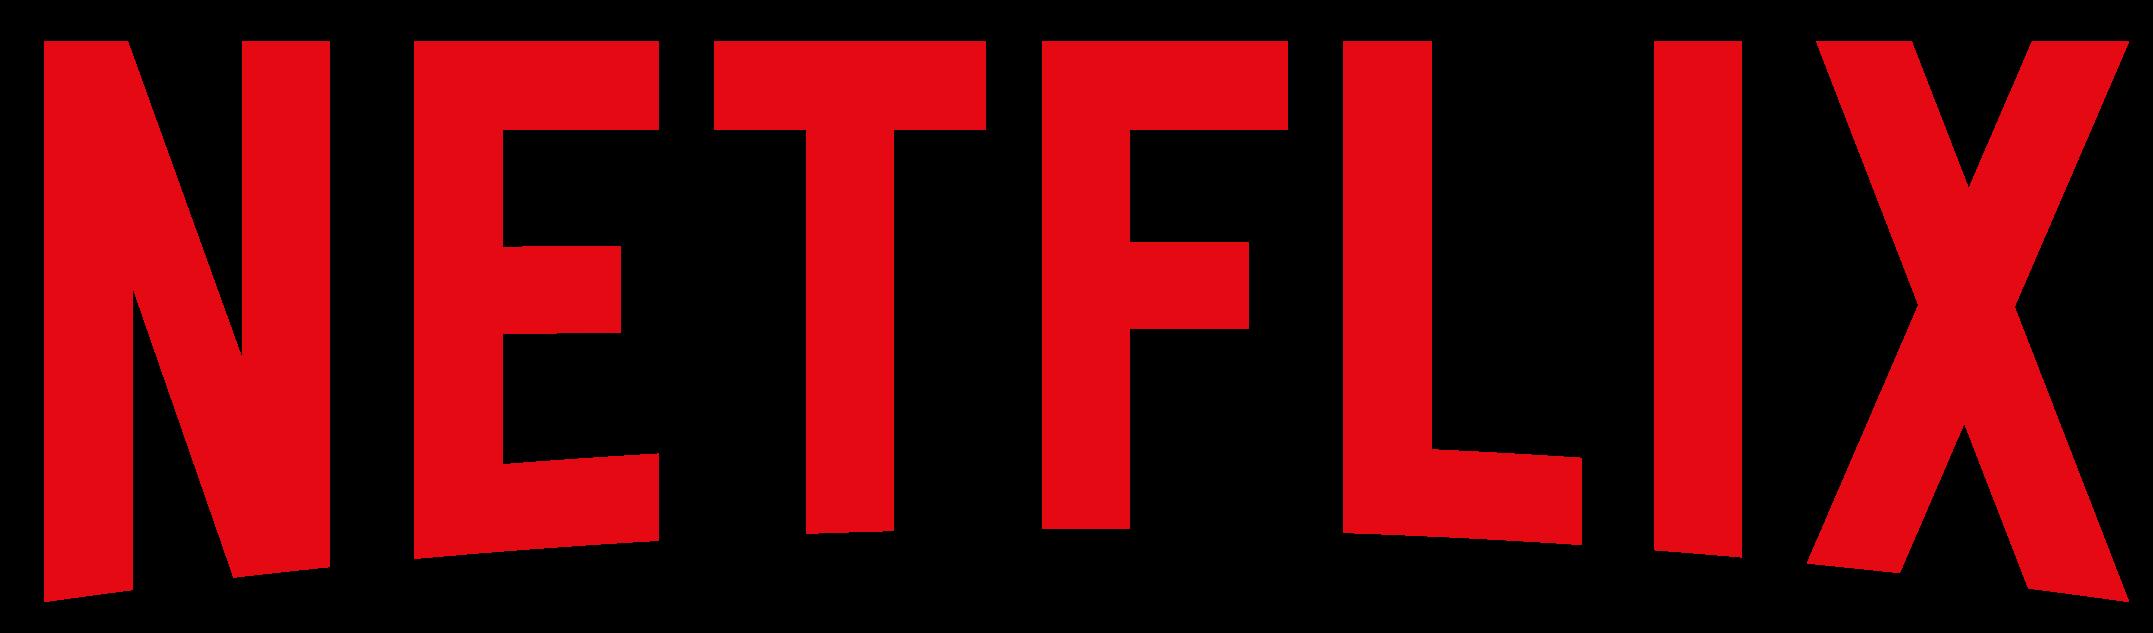 red netflix logo text png #2564